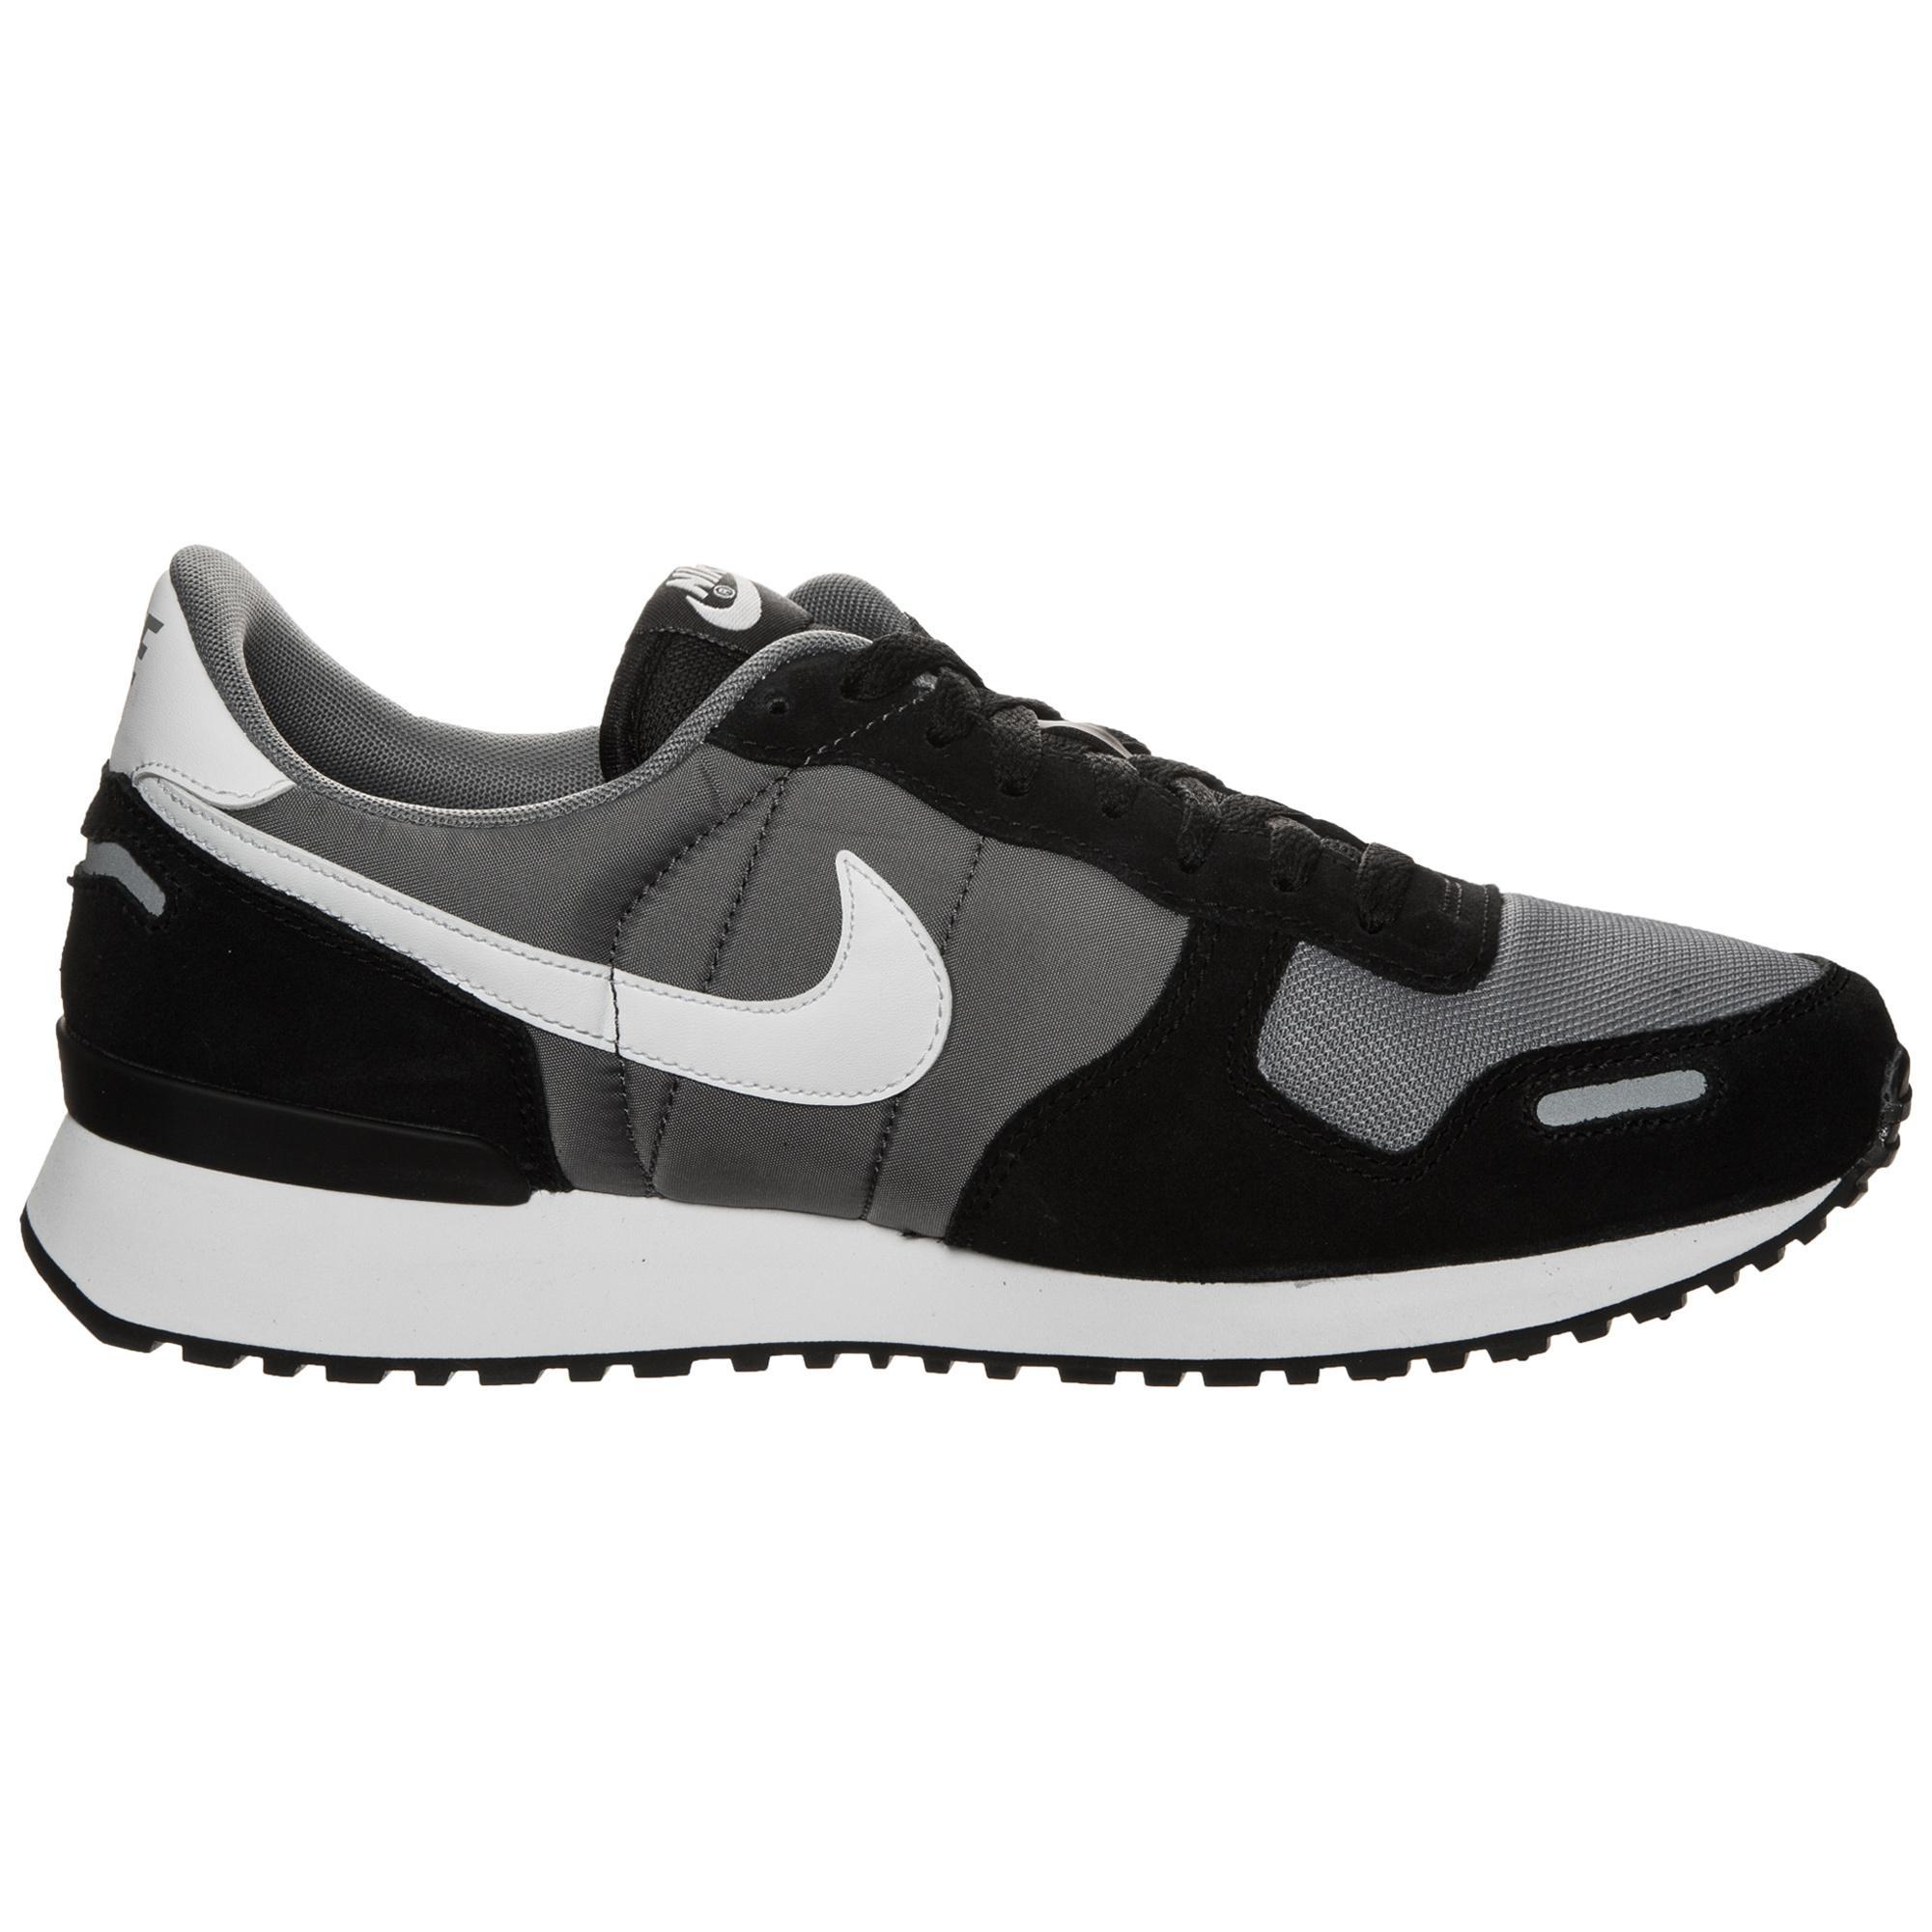 Nike Air Vortex Sneaker Herren schwarz / grau grau grau im Online Shop von SportScheck kaufen Gute Qualität beliebte Schuhe 79d6ae